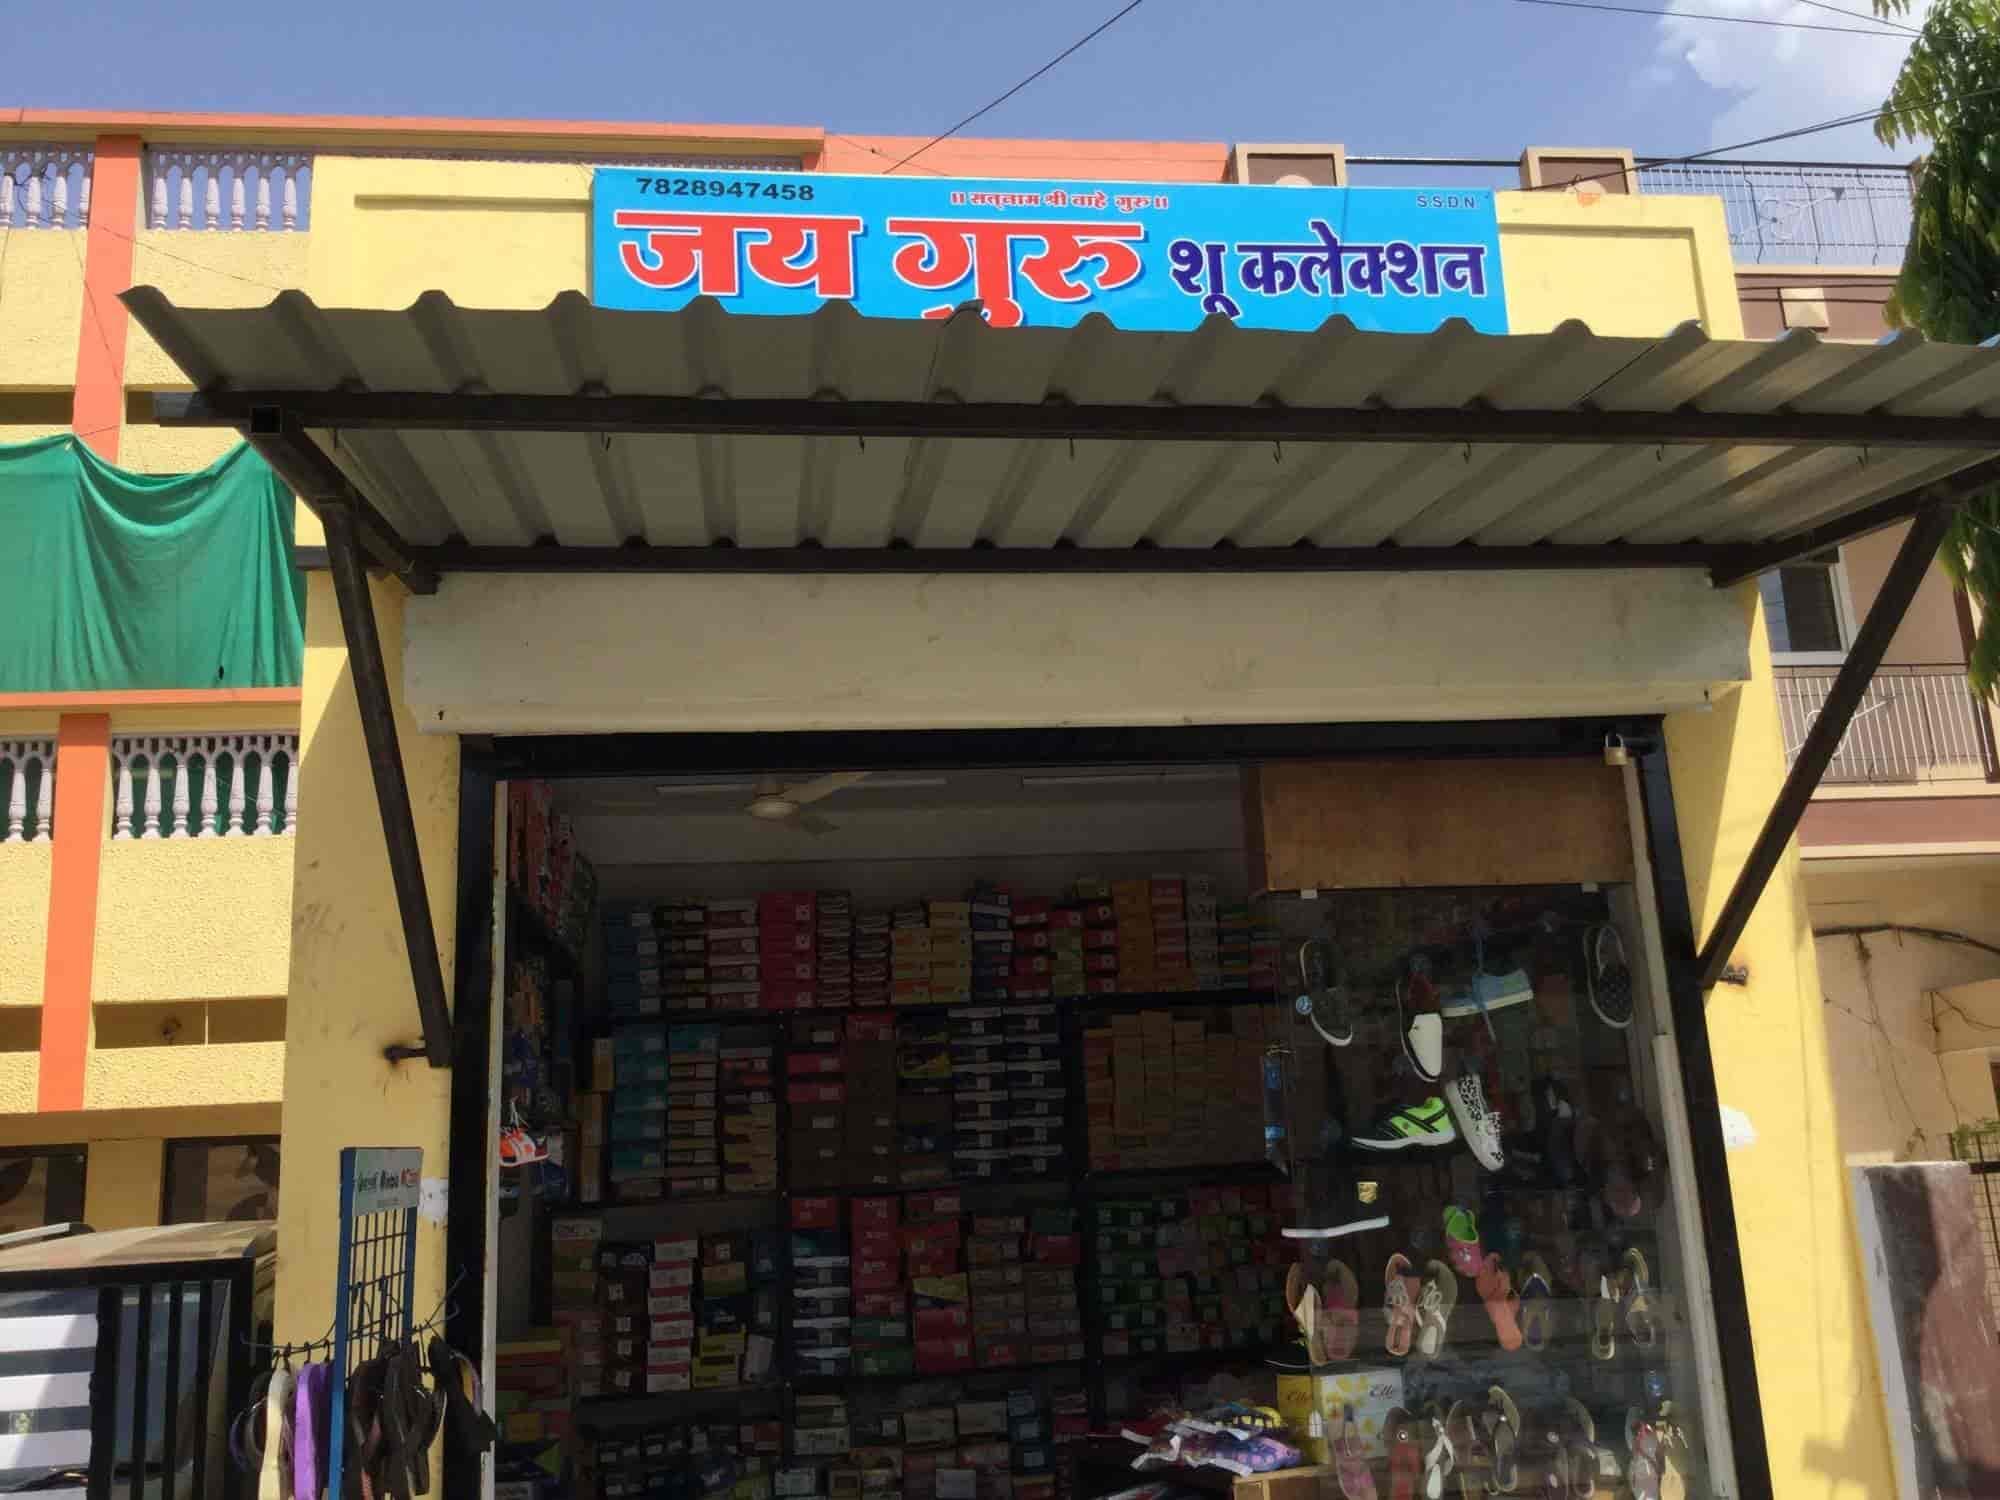 Guru Shop jai guru shop photos rajendra nagar indore pictures images